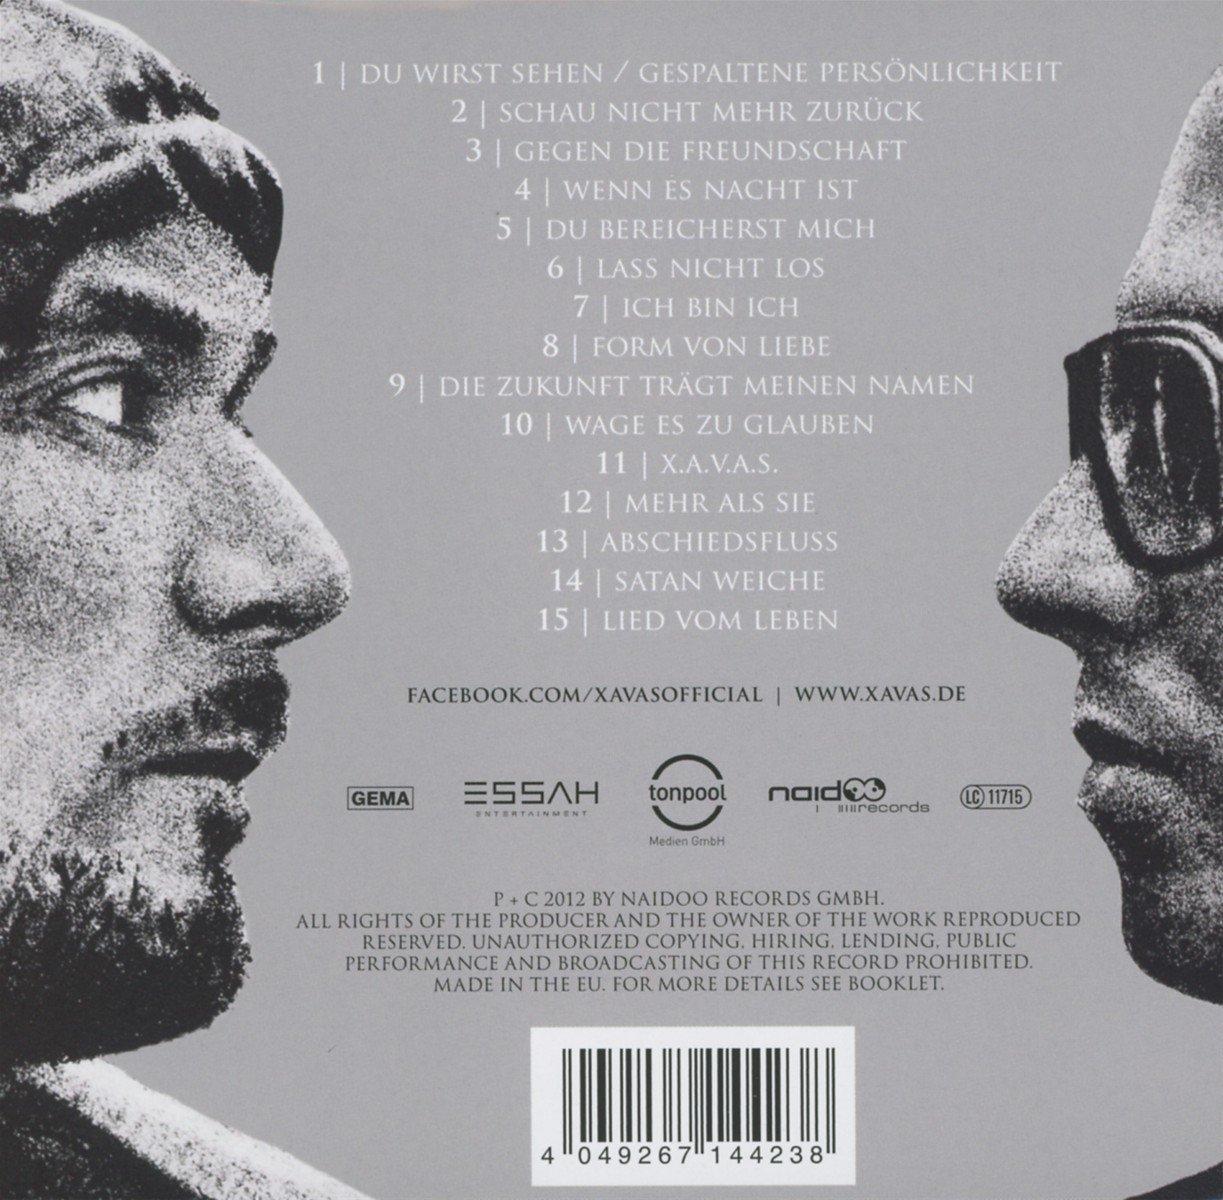 xavas album